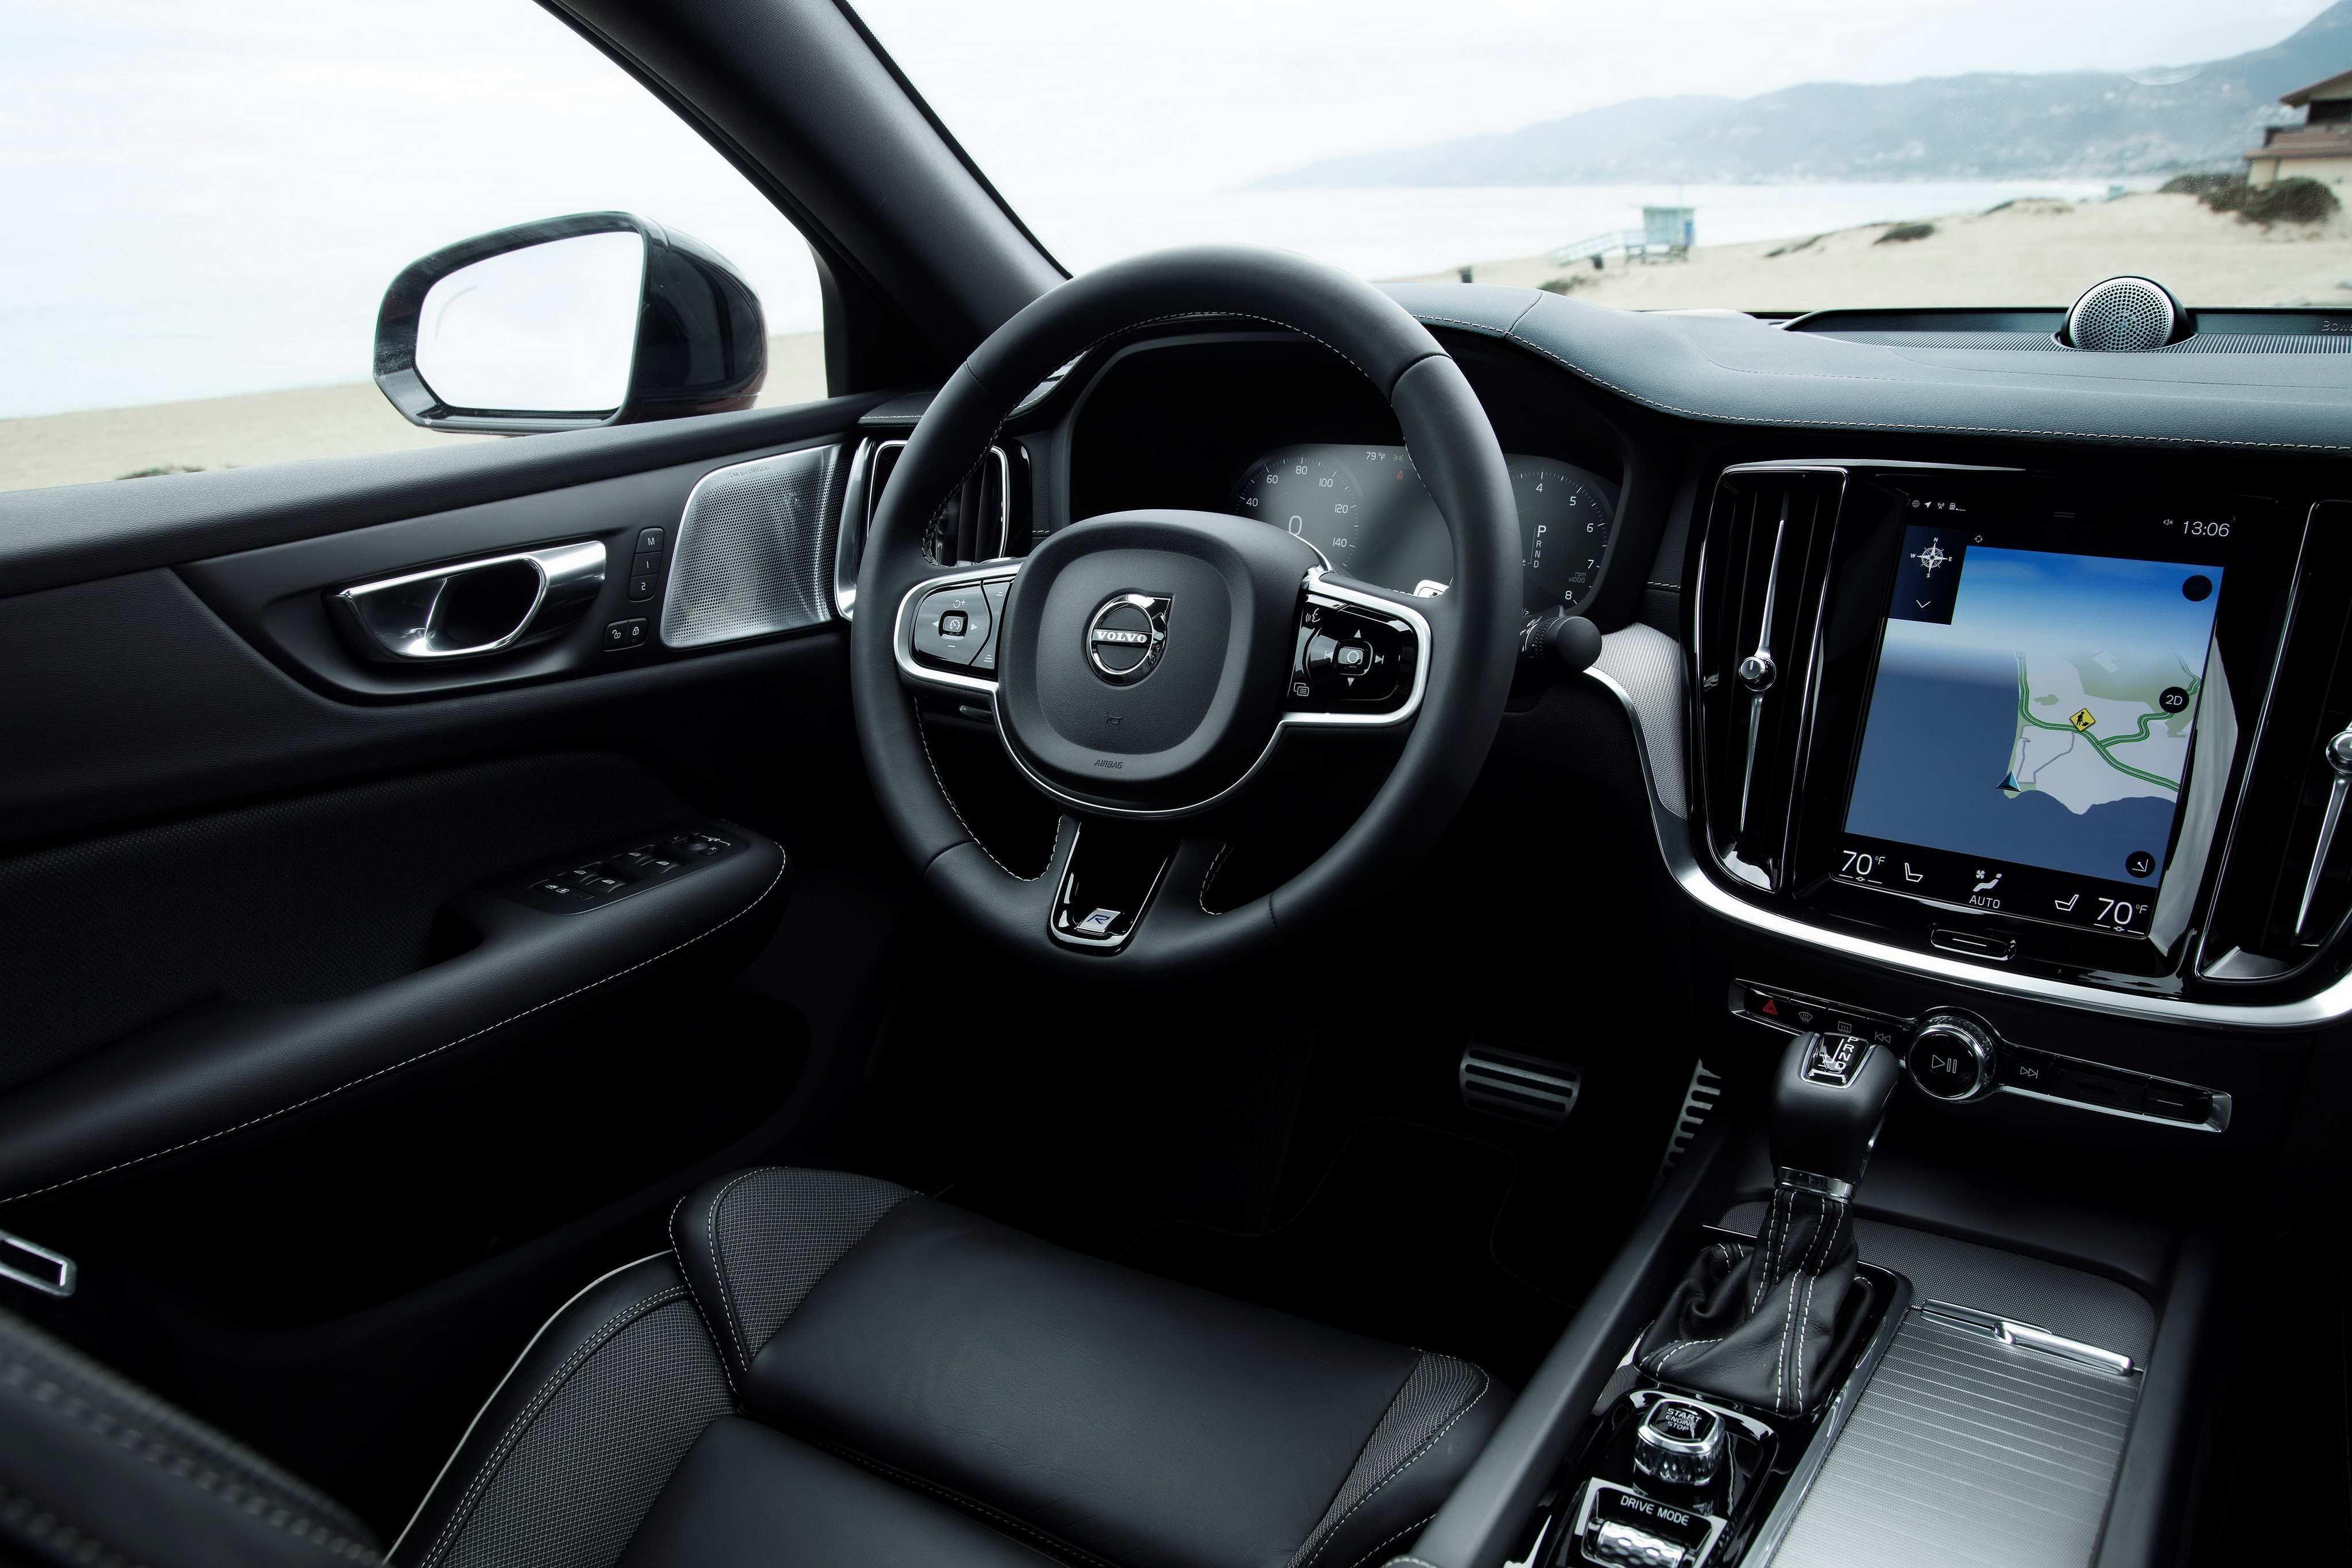 19 New Volvo 2019 Interior Price for Volvo 2019 Interior